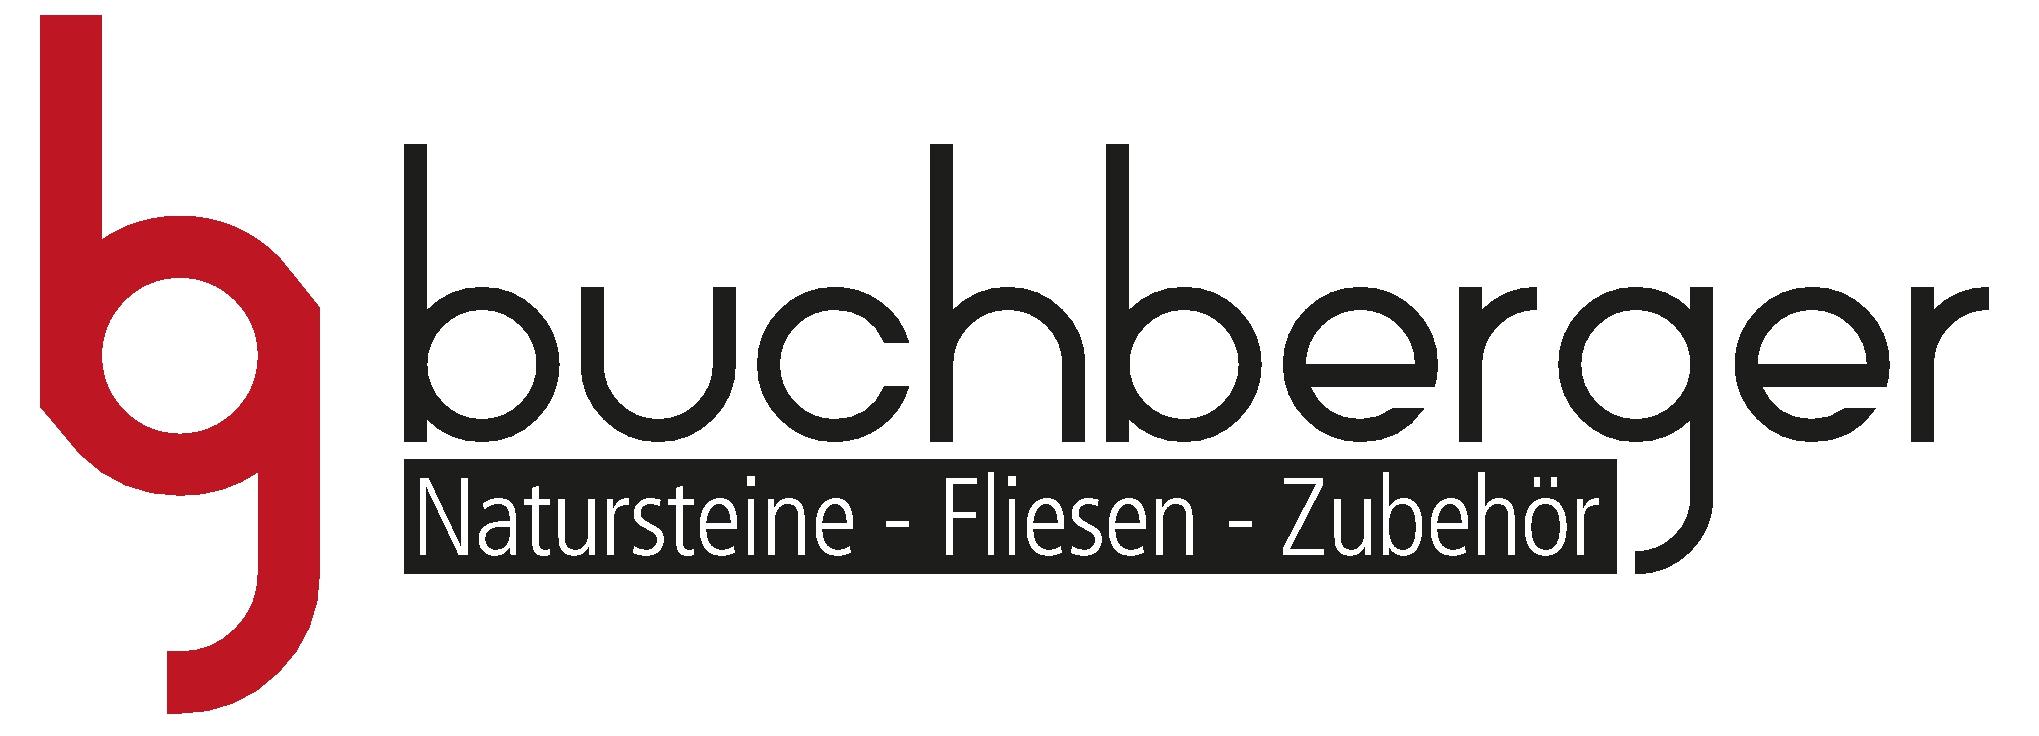 Buchberger Gerhard - Naturstein - Fliesen - Zubehör